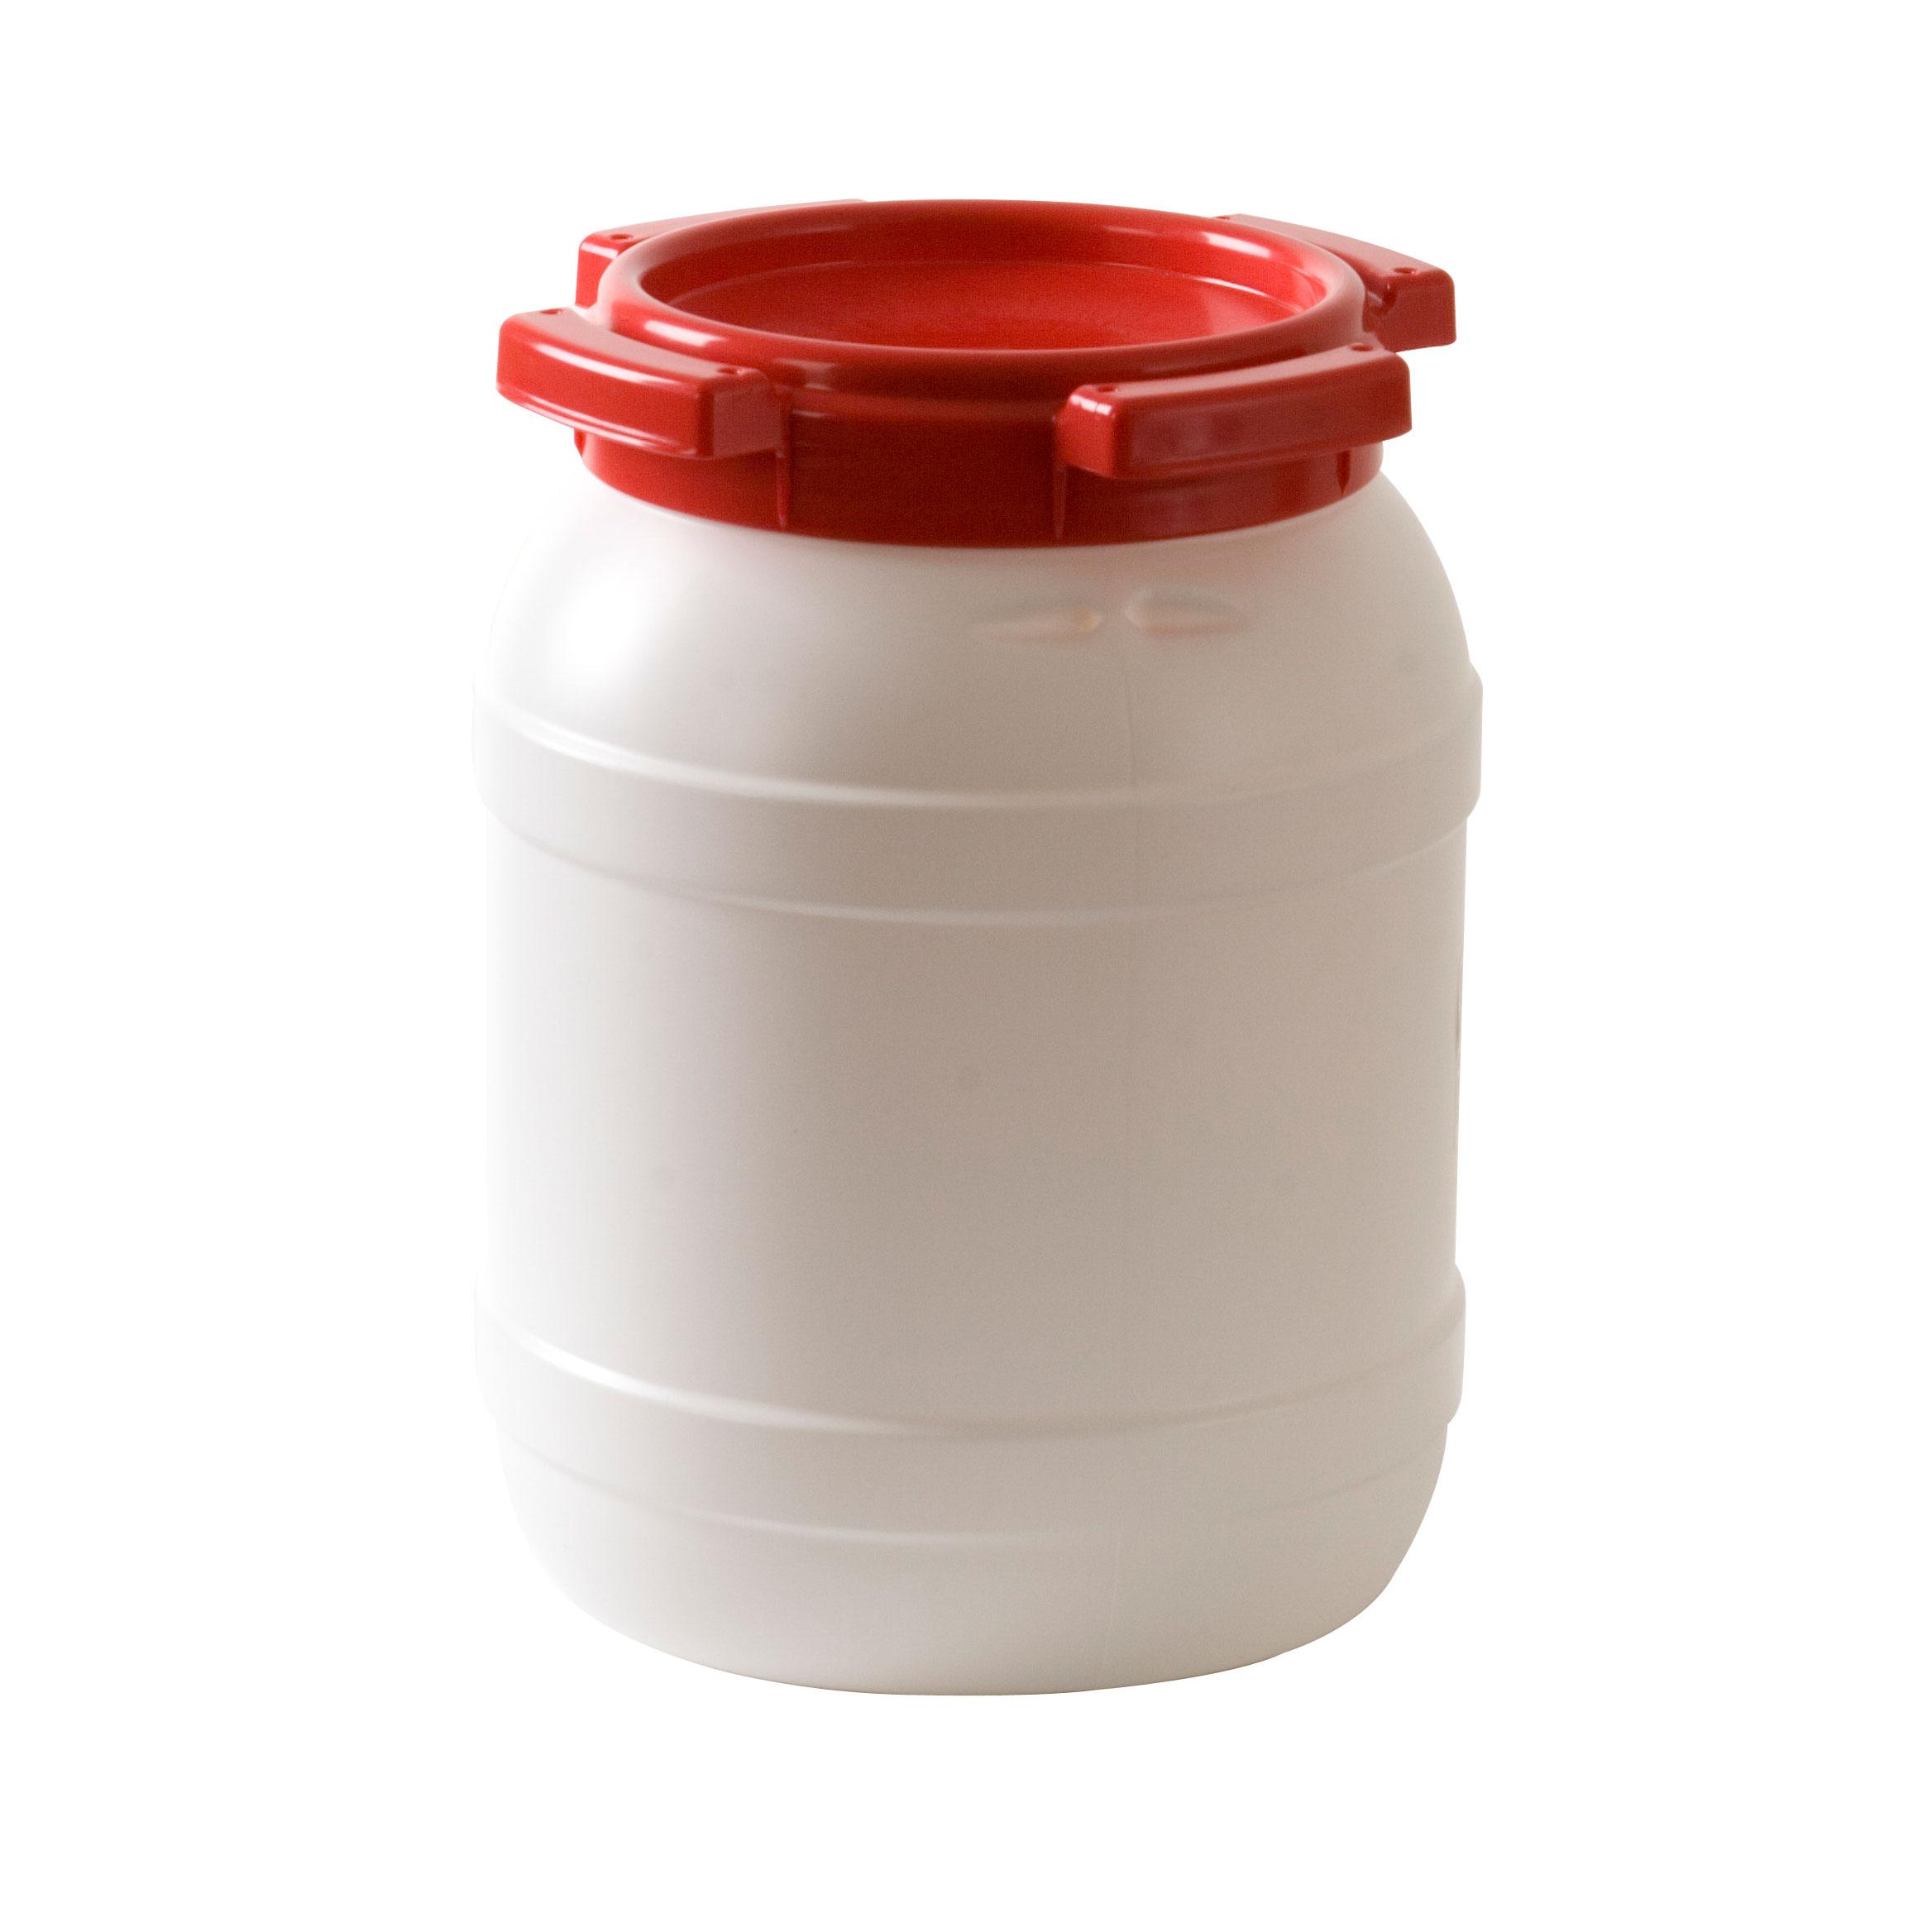 Afbeelding van Curtec Waterkluis 6,4 Liter